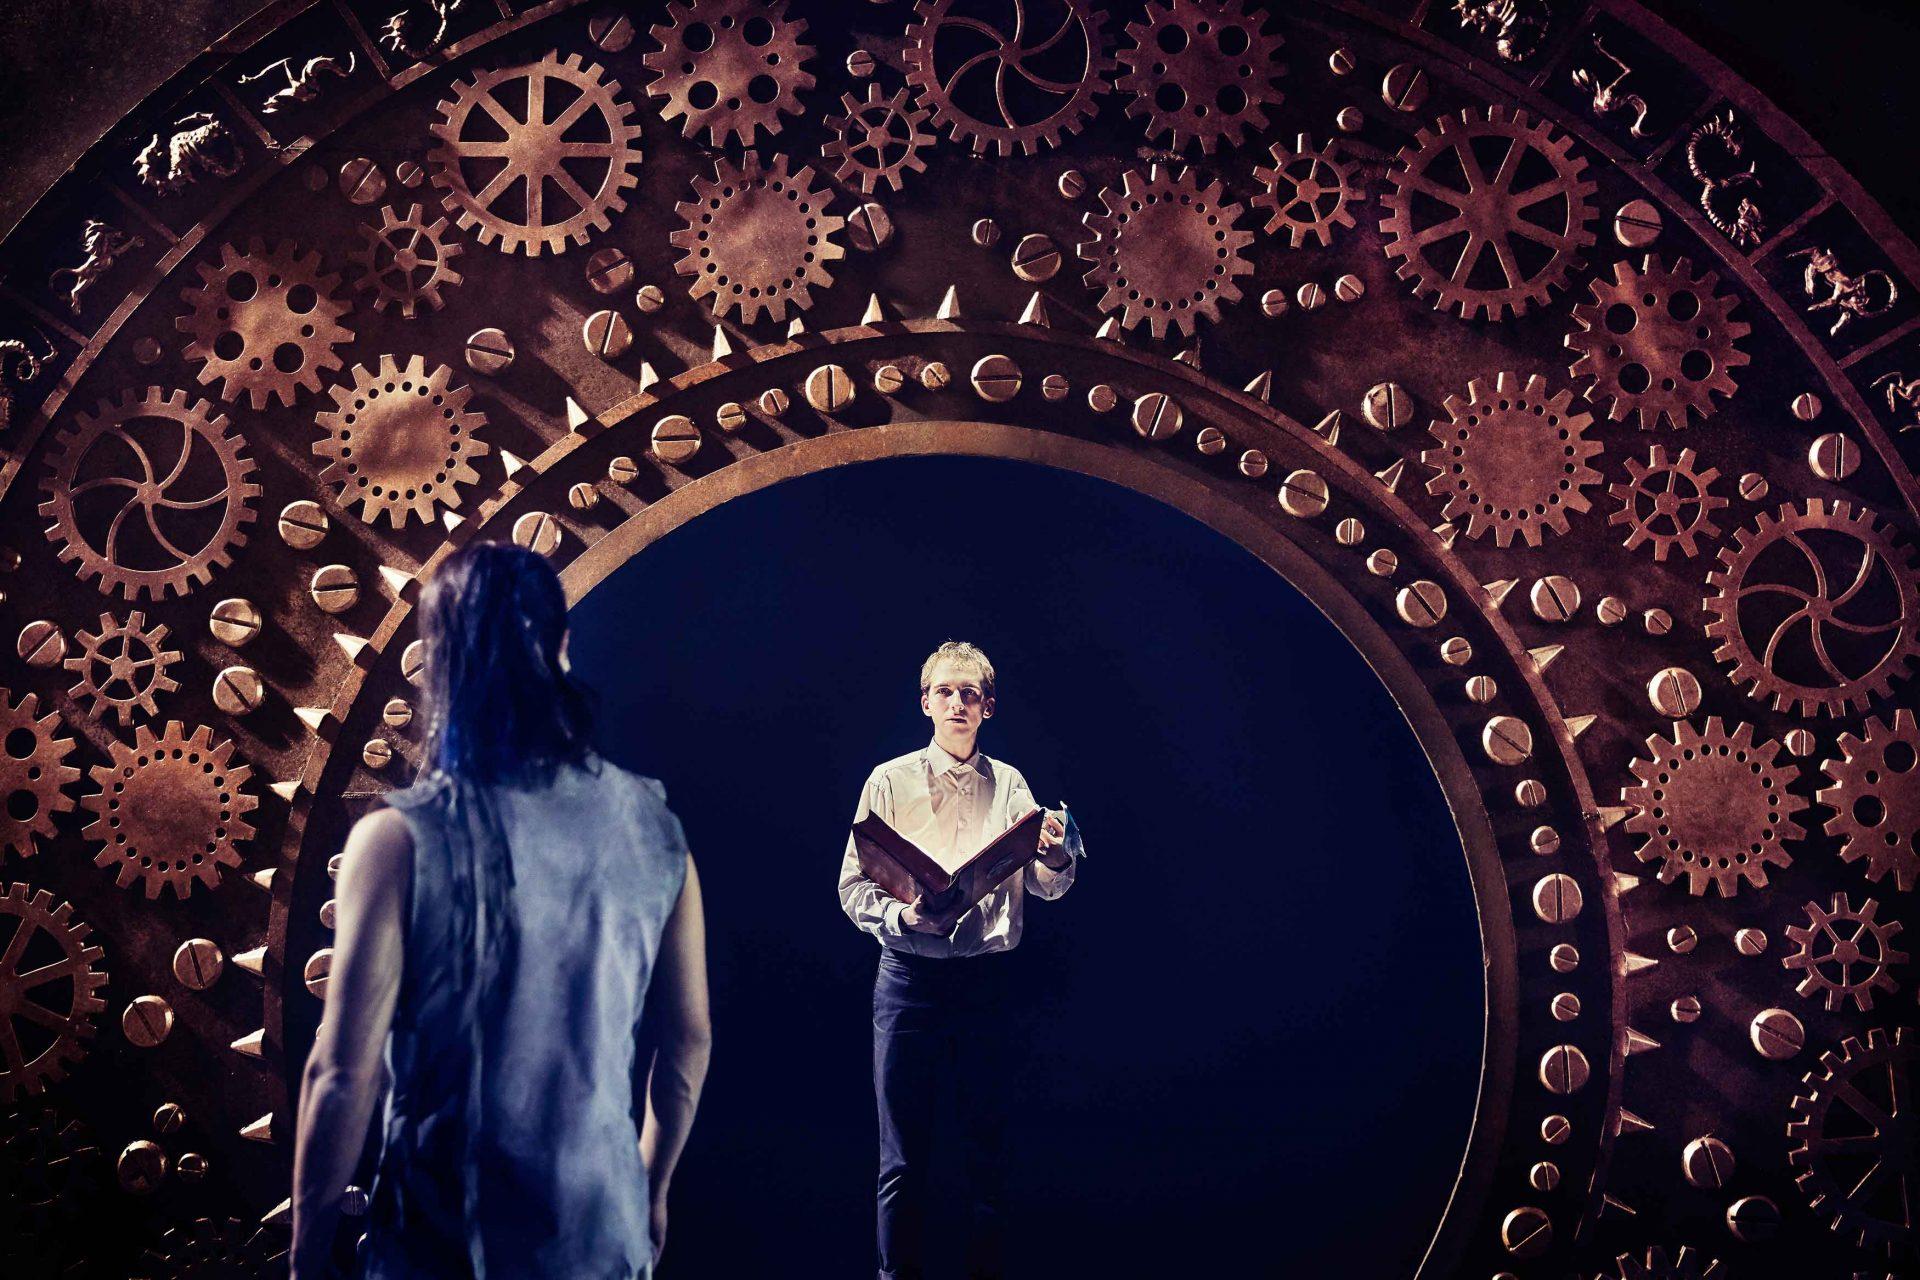 """Anmeldelse: """"Den uendelige historie"""" er en storslået og visuel teateroplevelse, der er værd at se"""